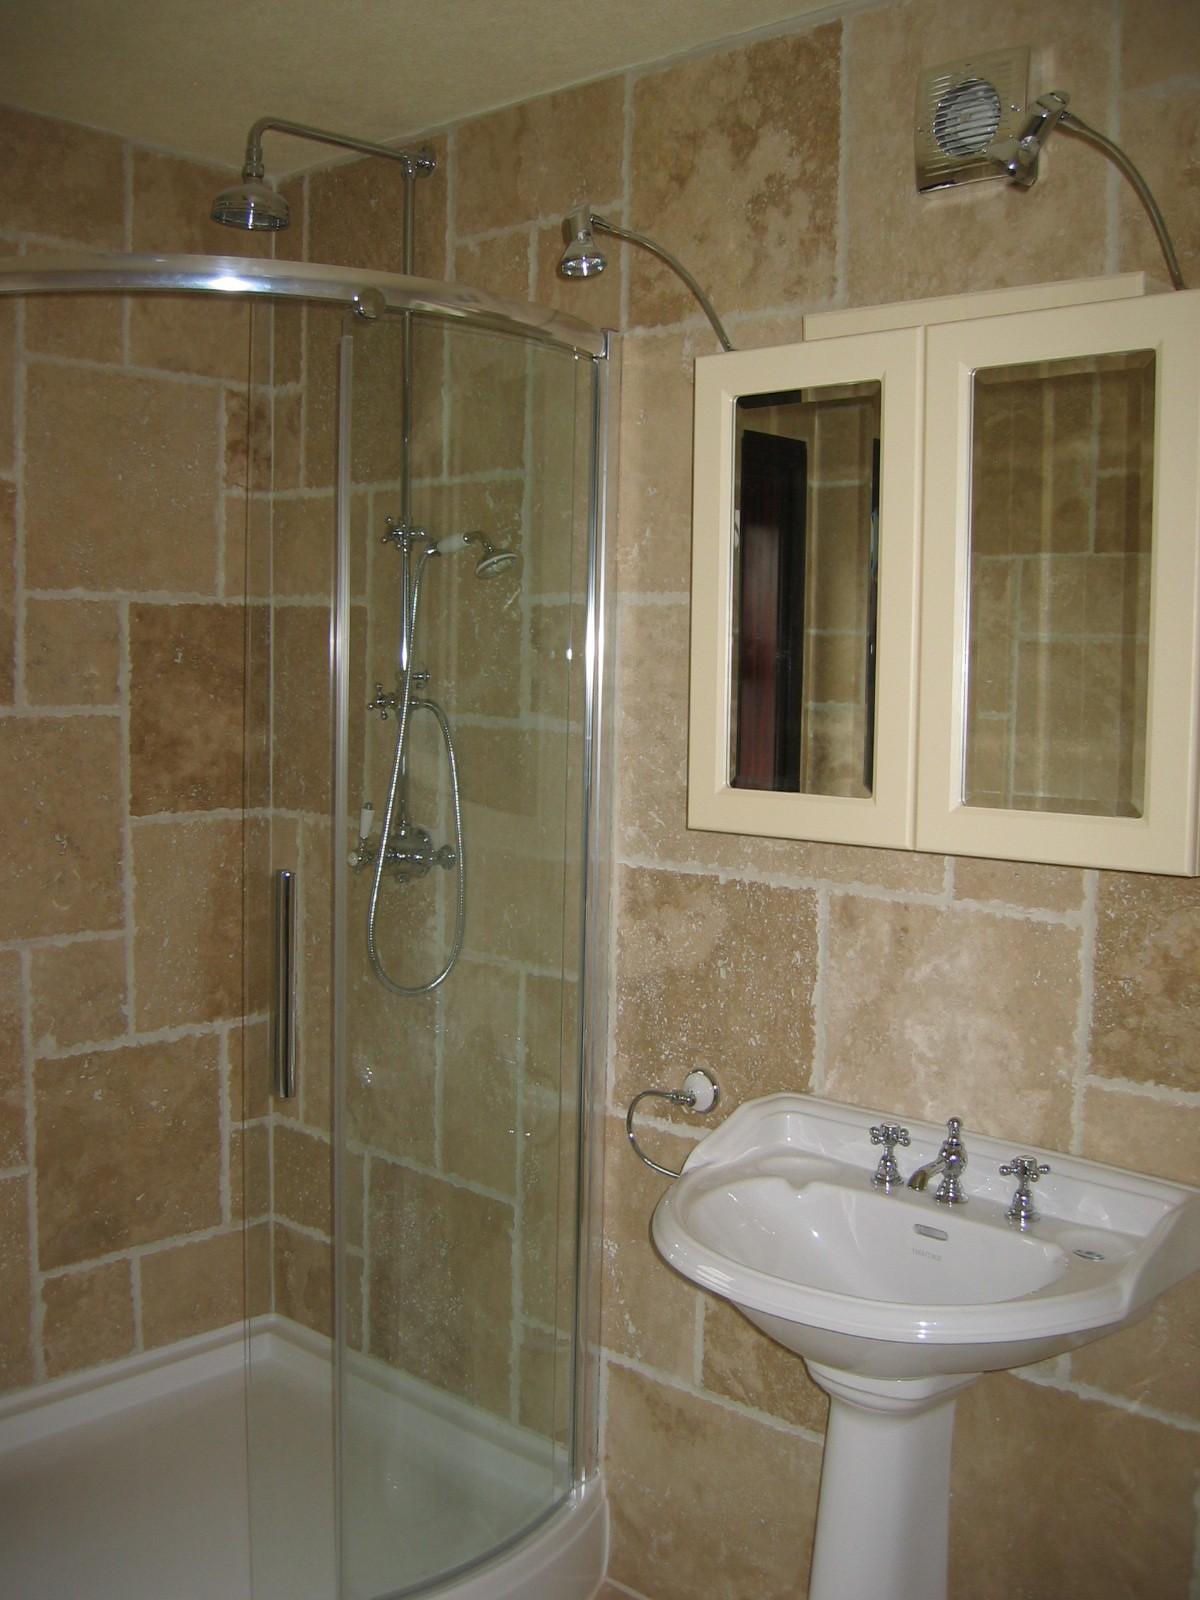 Best Discount Bathroom Tile Construction Bathroom Design Ideas - Easy bathroom tile ideas